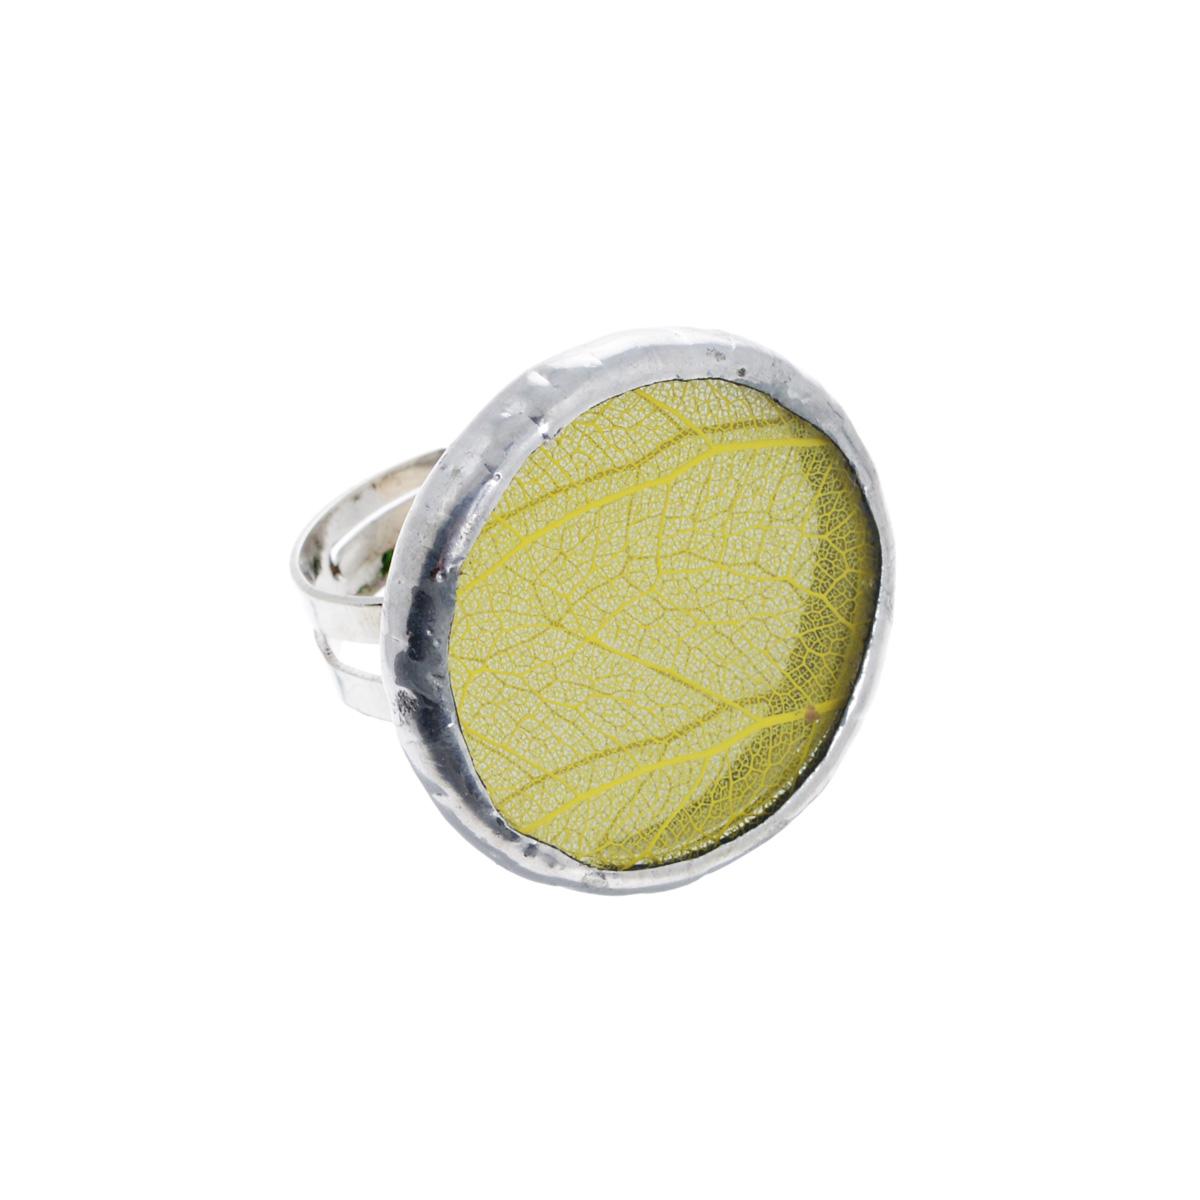 Кольцо Естественный отбор Лист, цвет: желтый. Ч-0063Серьги с подвескамиКольцо Естественный отбор Лист не оставит равнодушной ни одну любительницу необычных аксессуаров. Кольцо выполнено из металла и оснащено круглой стеклянной вставкой, украшенной гербарием желтого листика. Кольцо безразмерное. Это по-настоящему весенний аксессуар - яркий и необыкновенный, способный как по волшебству наполнить воздух солнечными лучами и запахами весны. Прекрасно подойдет для натур неординарных и легких на подъем, которые предпочитают все оригинальное и нестандартное.